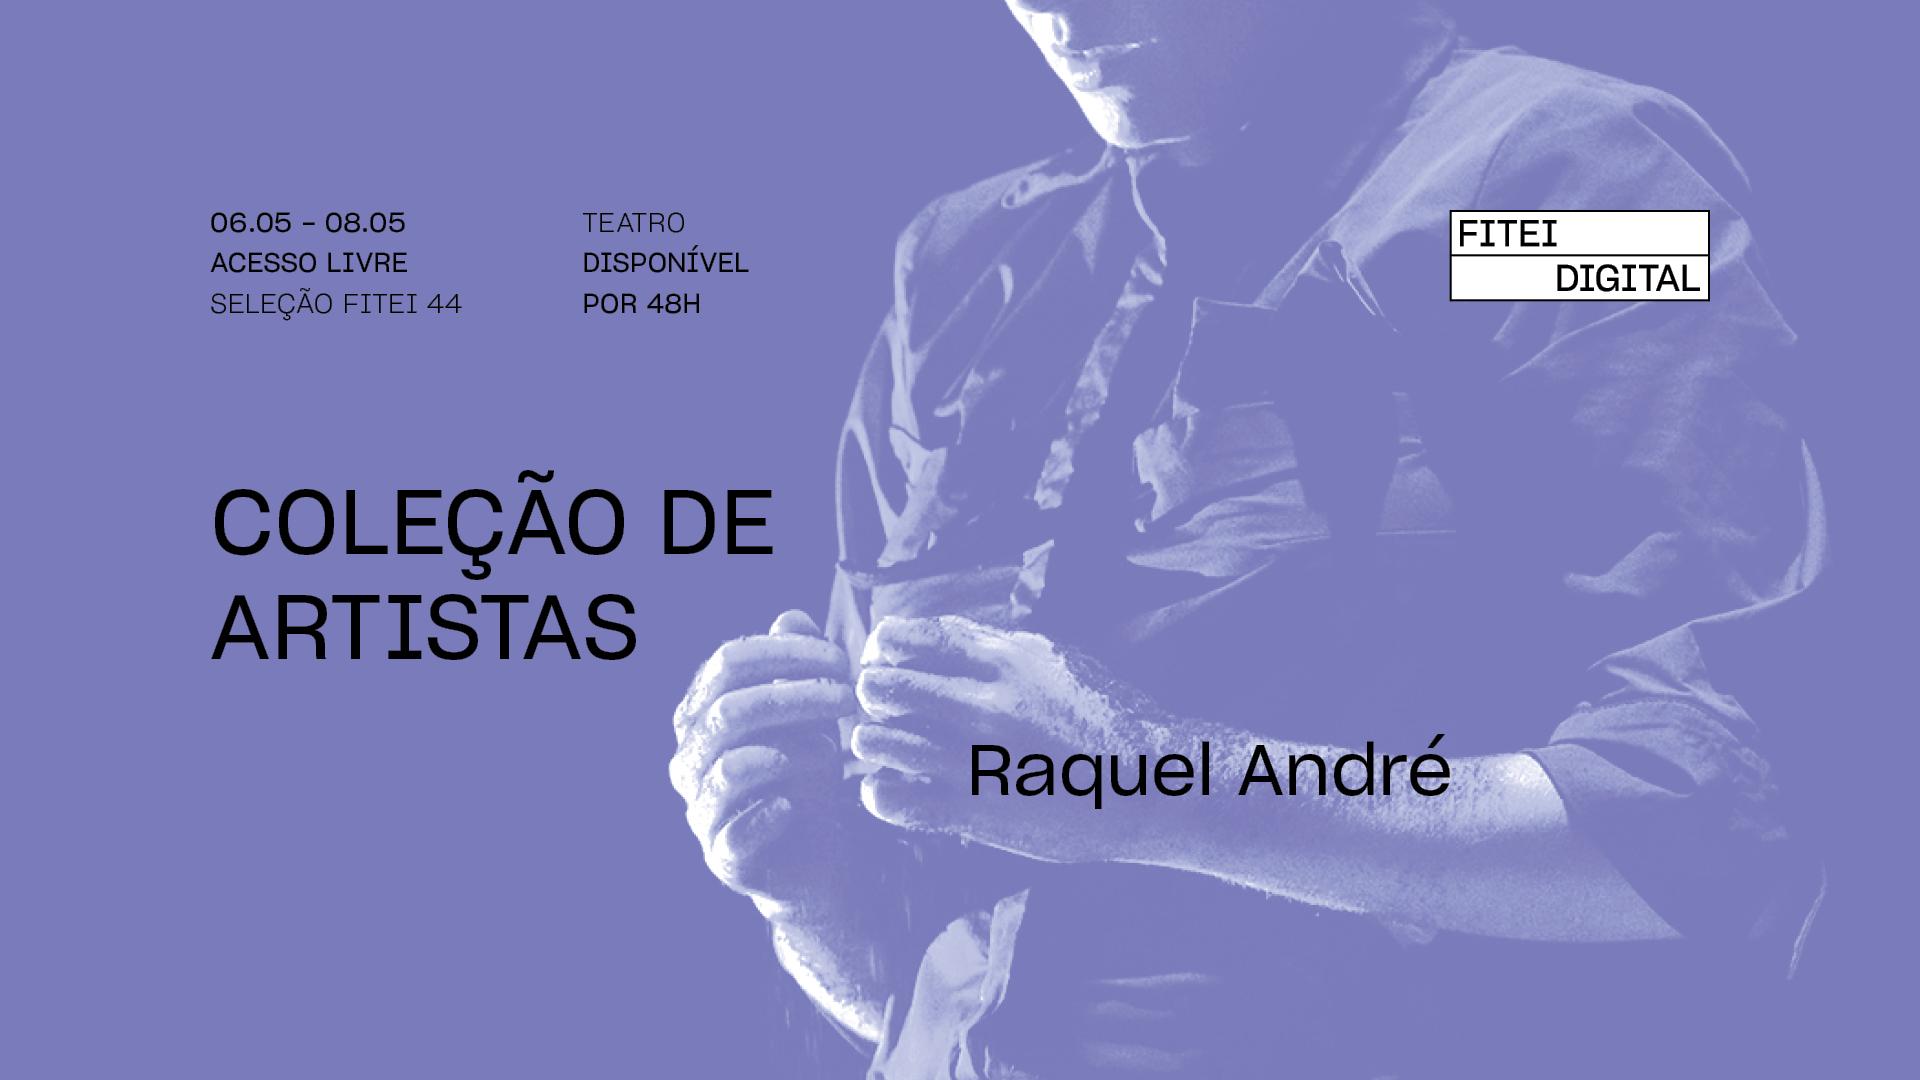 Coleção de Artistas • RAQUEL ANDRÉ   FITEI Digital